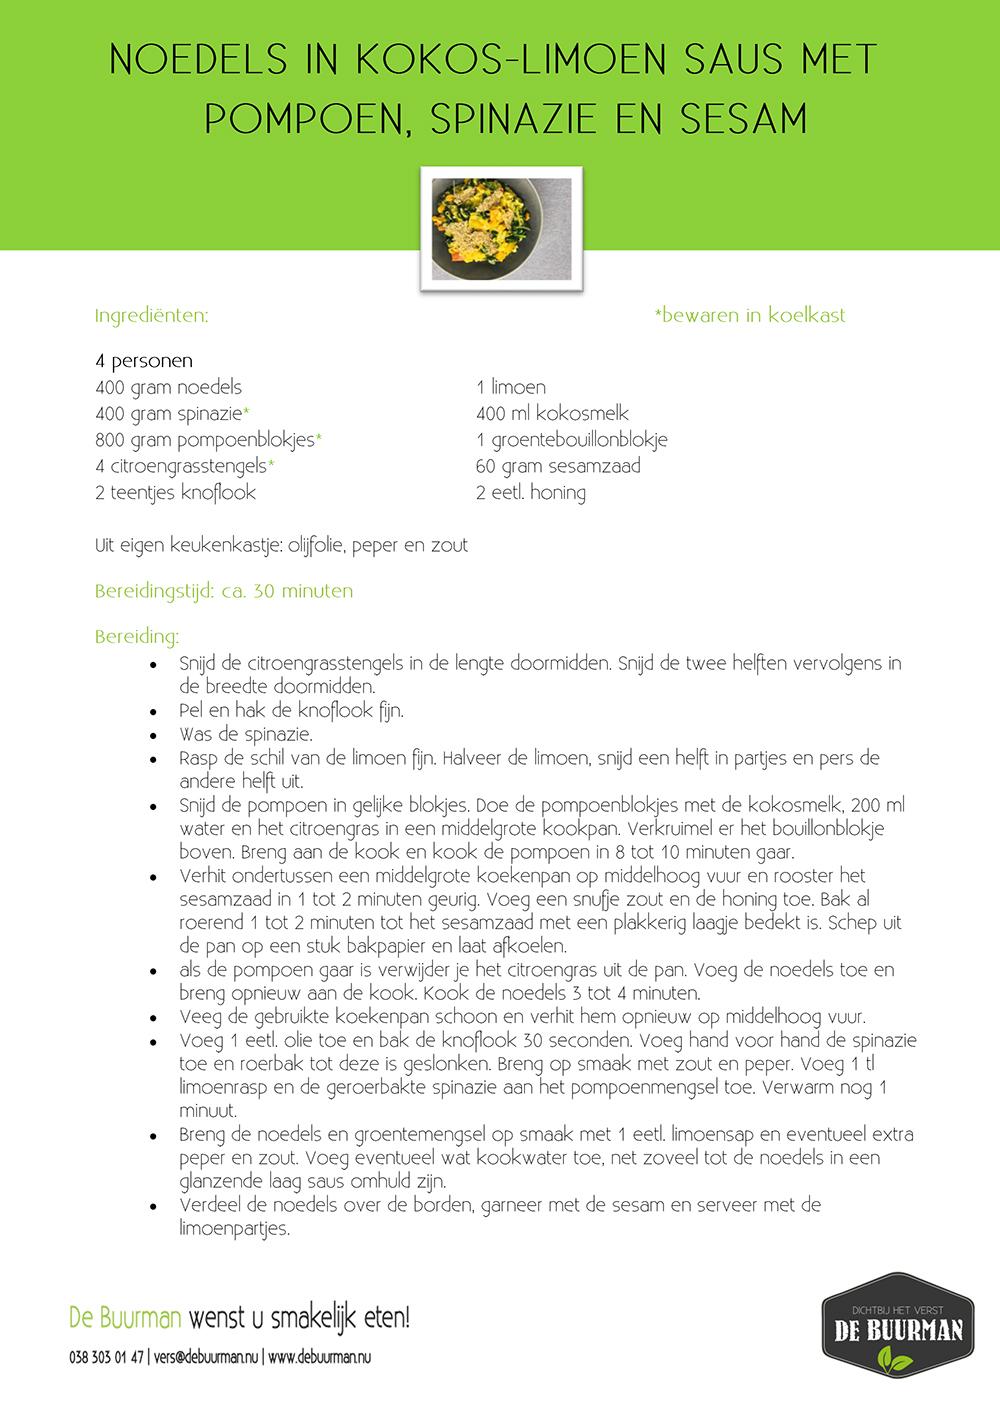 week 4 recept 3 - openen als pdf